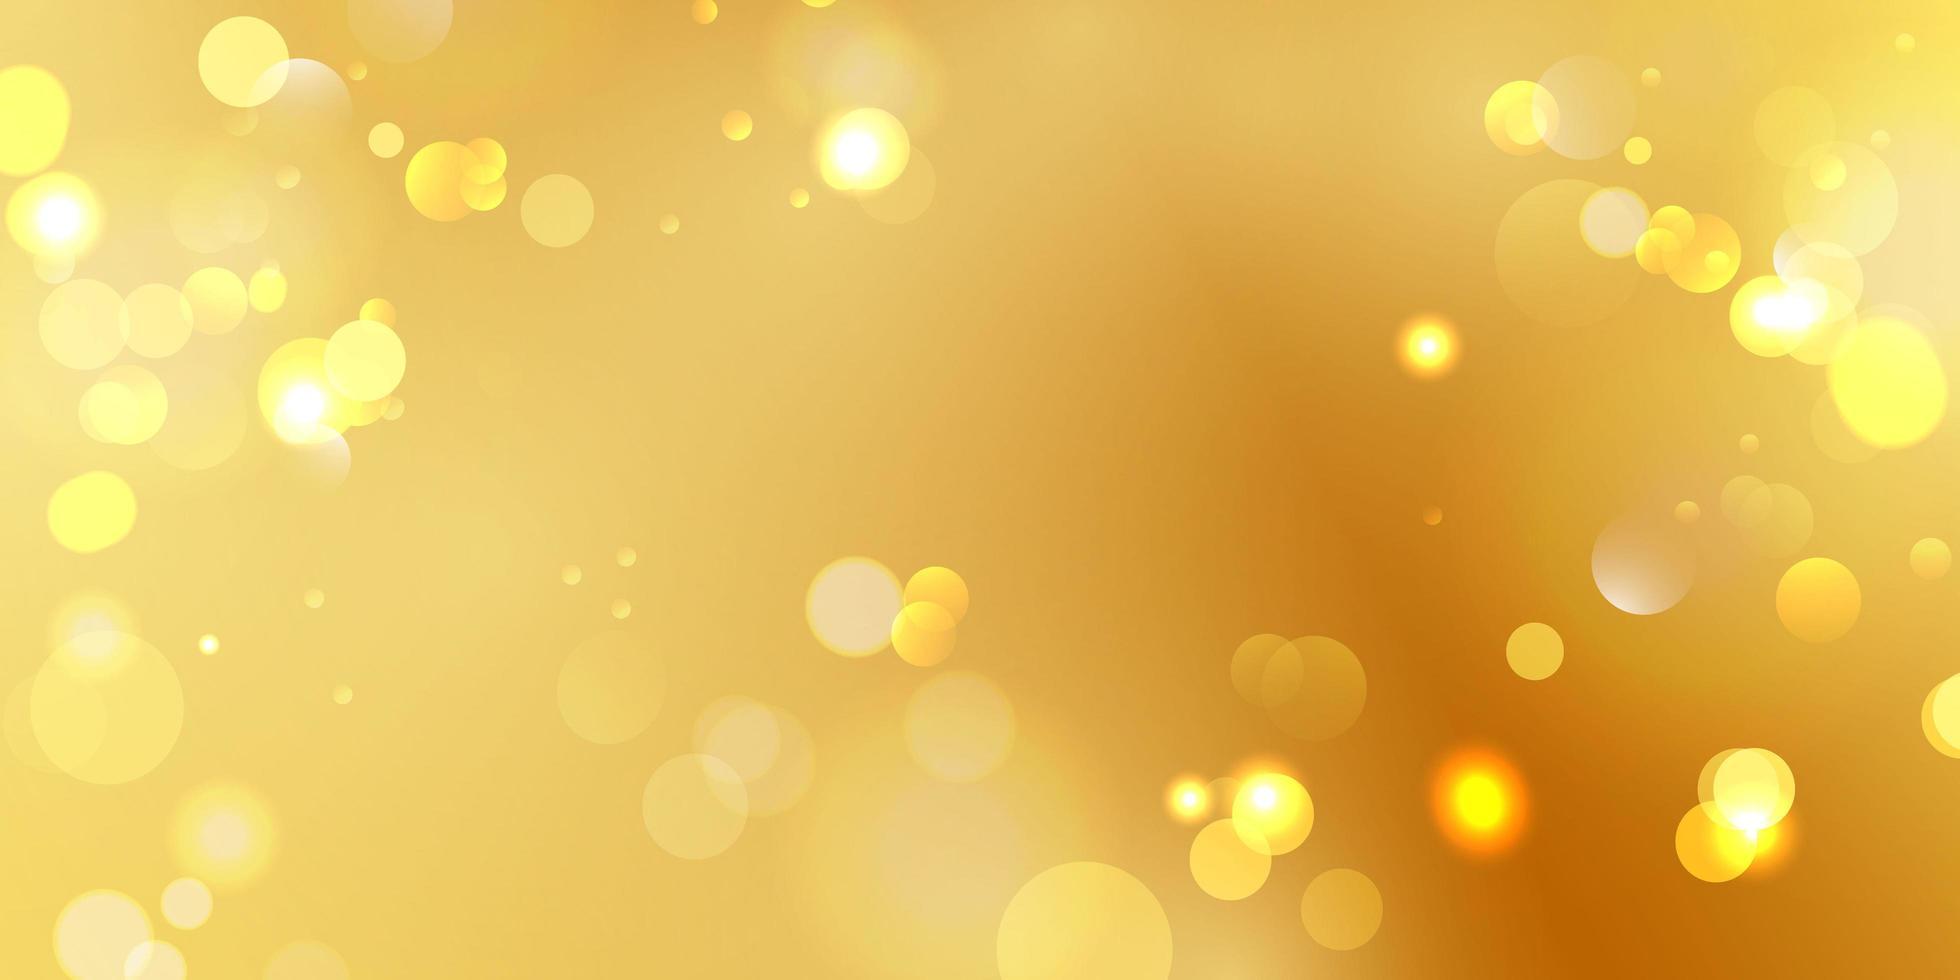 abstraktes unscharfes Lichtelement, das für Bokeh-Hintergrund mit Gelbgoldfarbe verwendet werden kann vektor